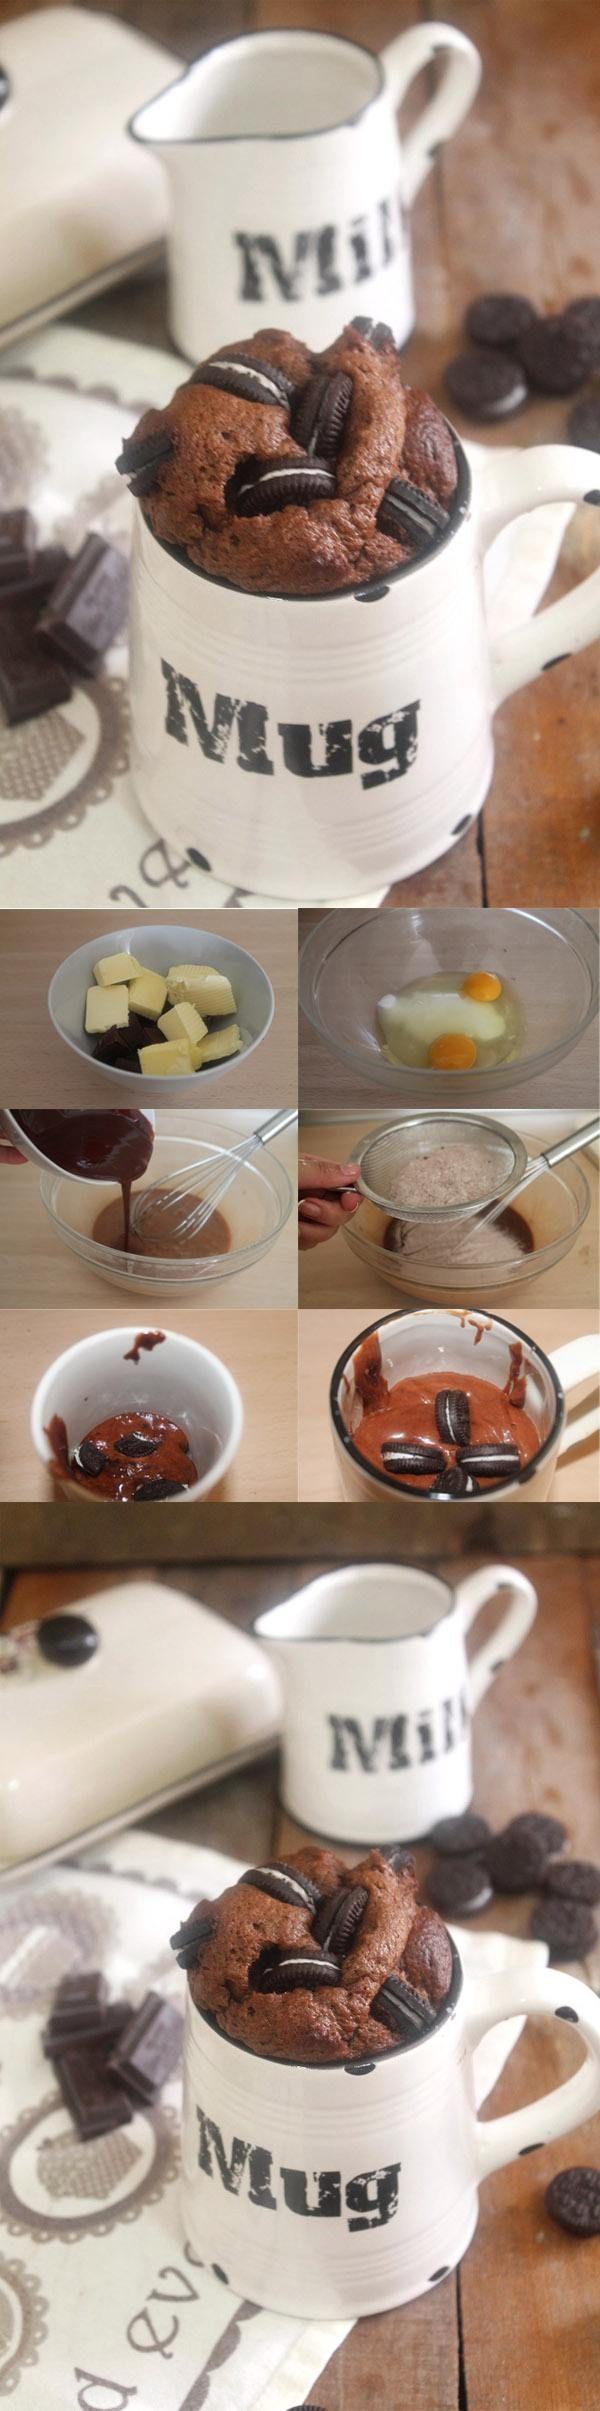 Mug cake de chocolate y Oreo / http://cakesparati.blogspot.com.es/